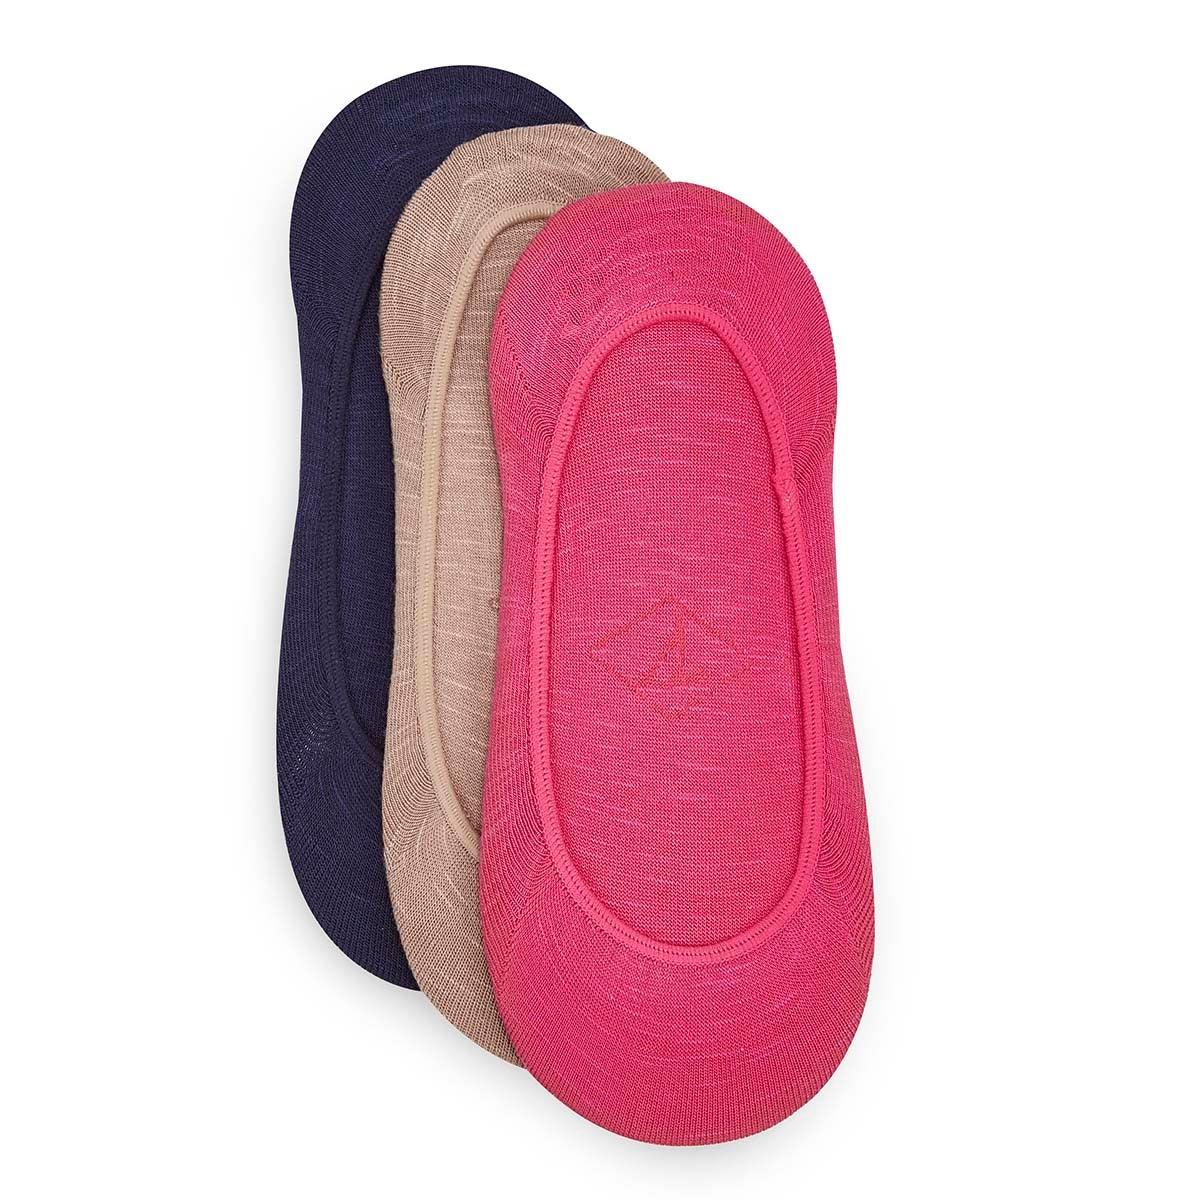 Women's PADDED SOLE pink/beige/blue liners -3 pk